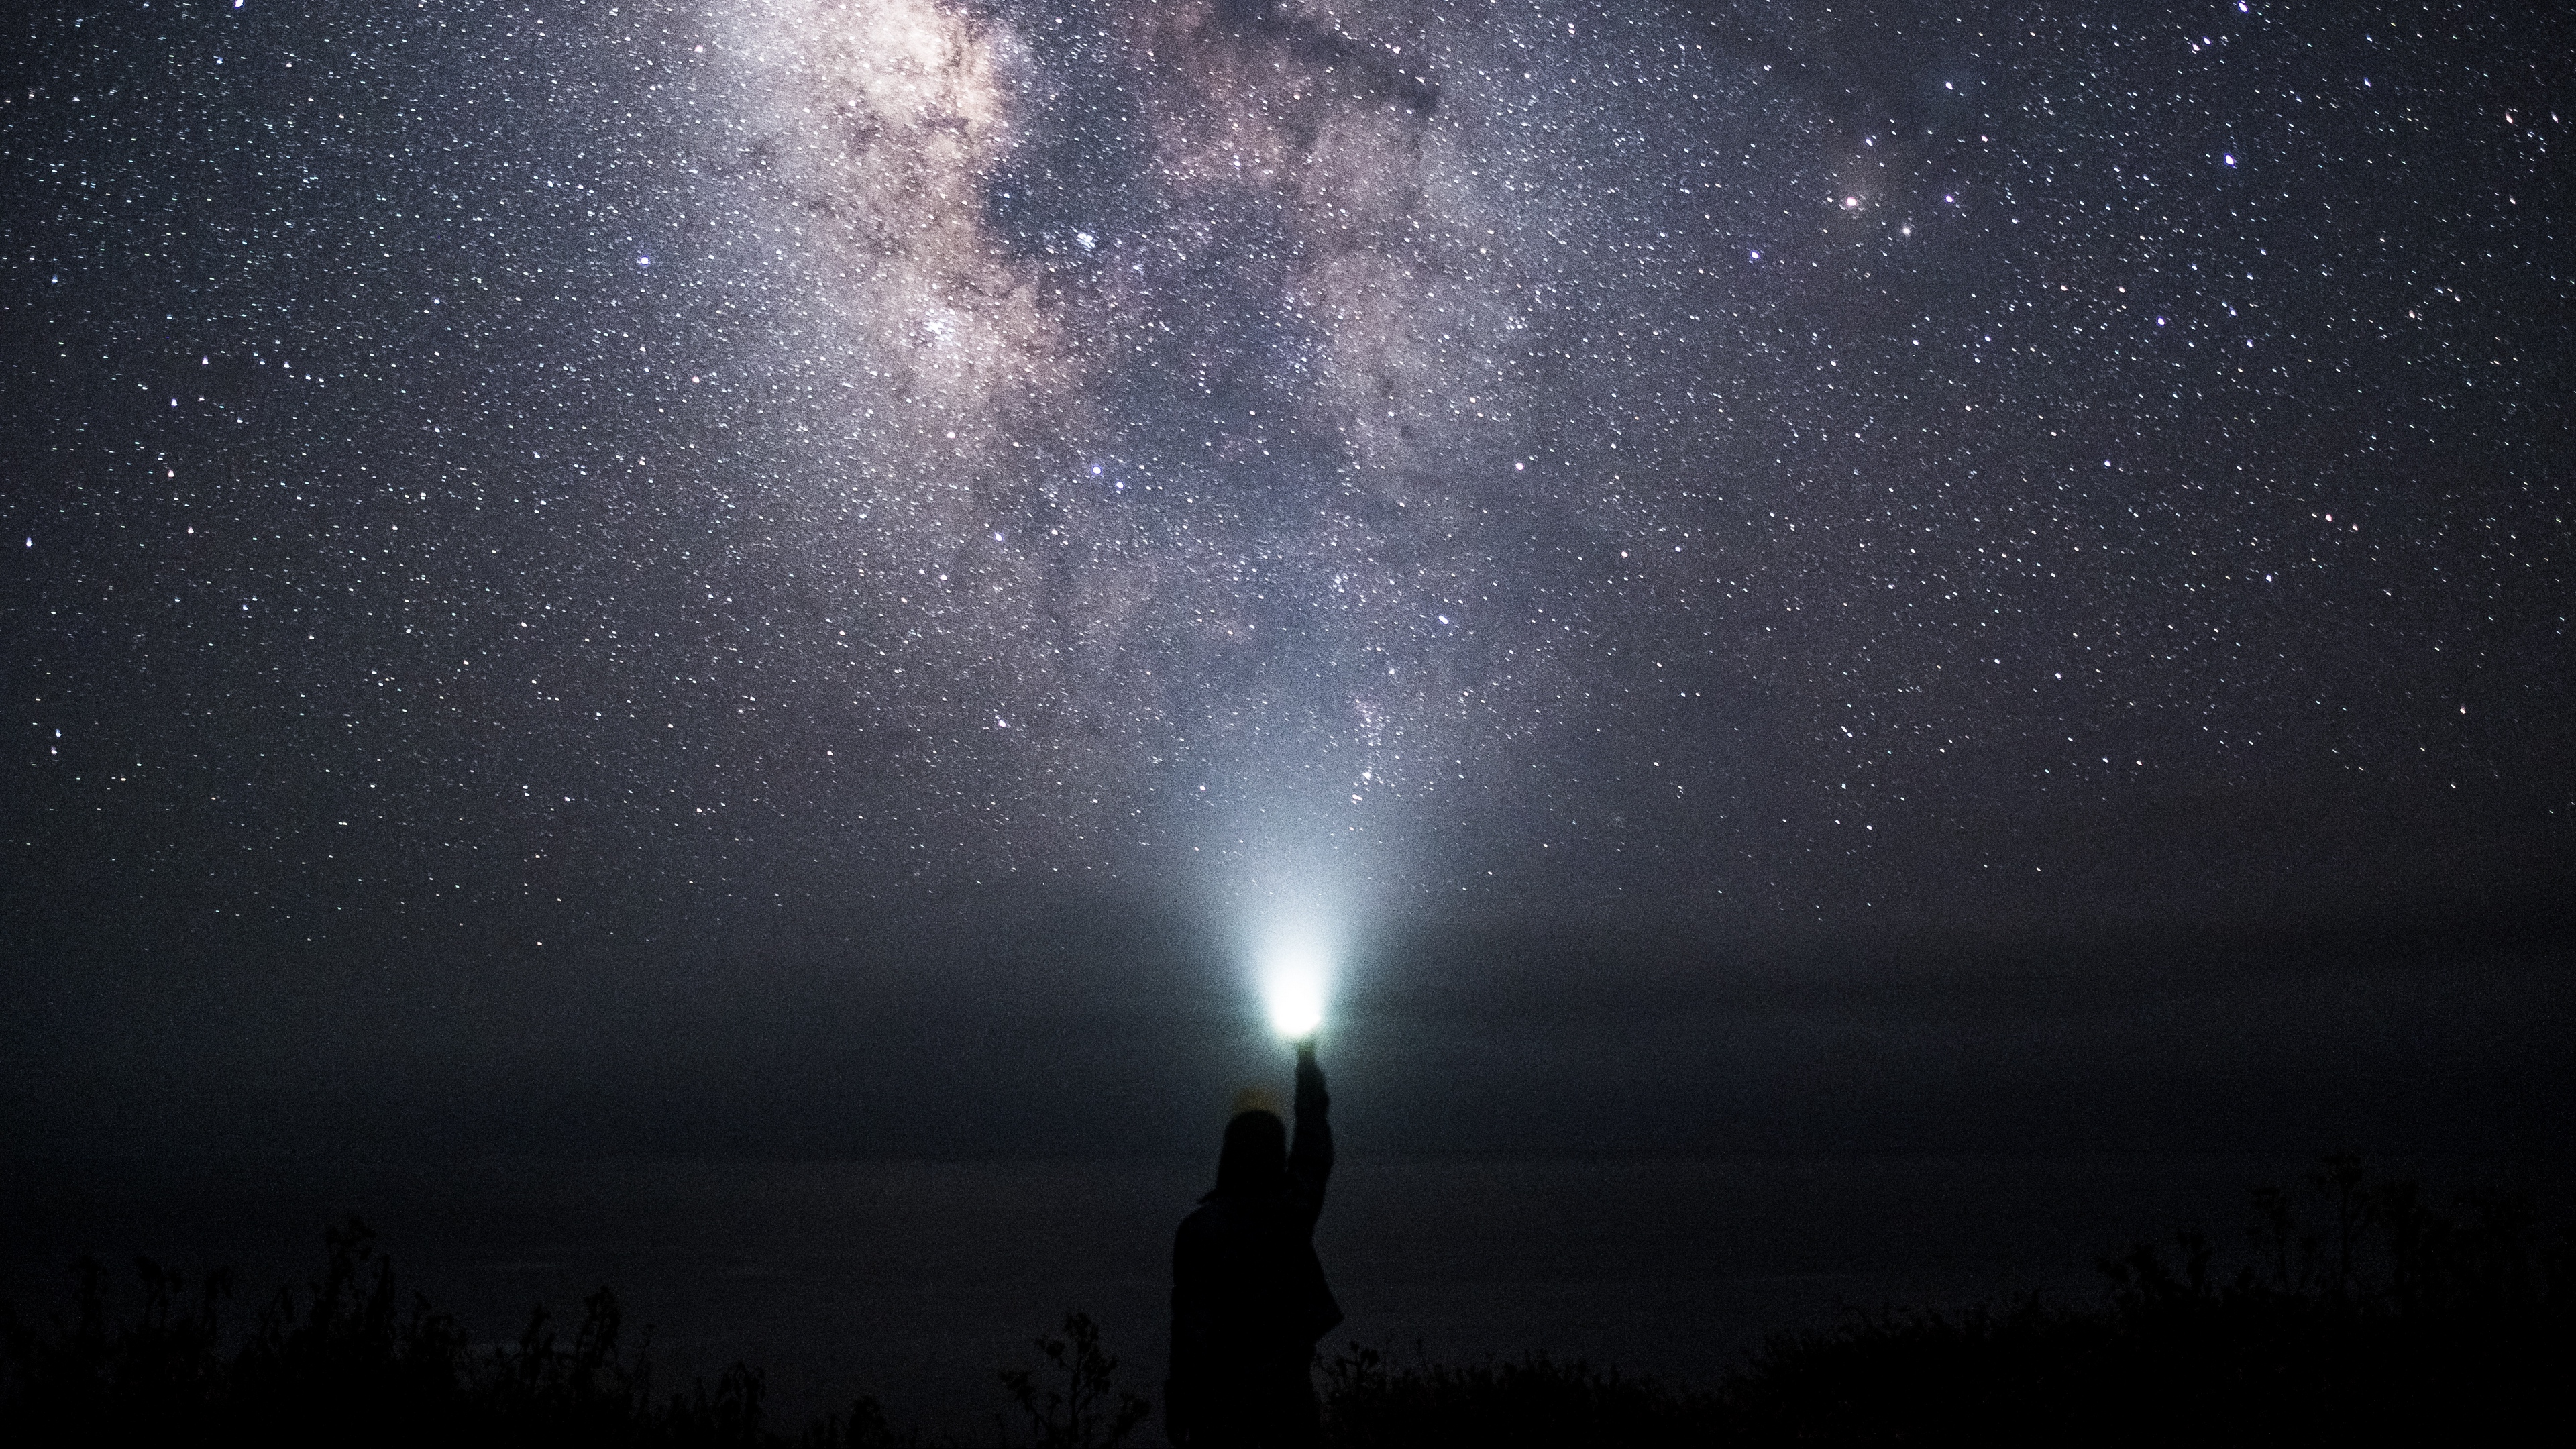 starry sky sky space light man 4k 1536013788 - starry sky, sky, space, light, man 4k - starry sky, Space, Sky